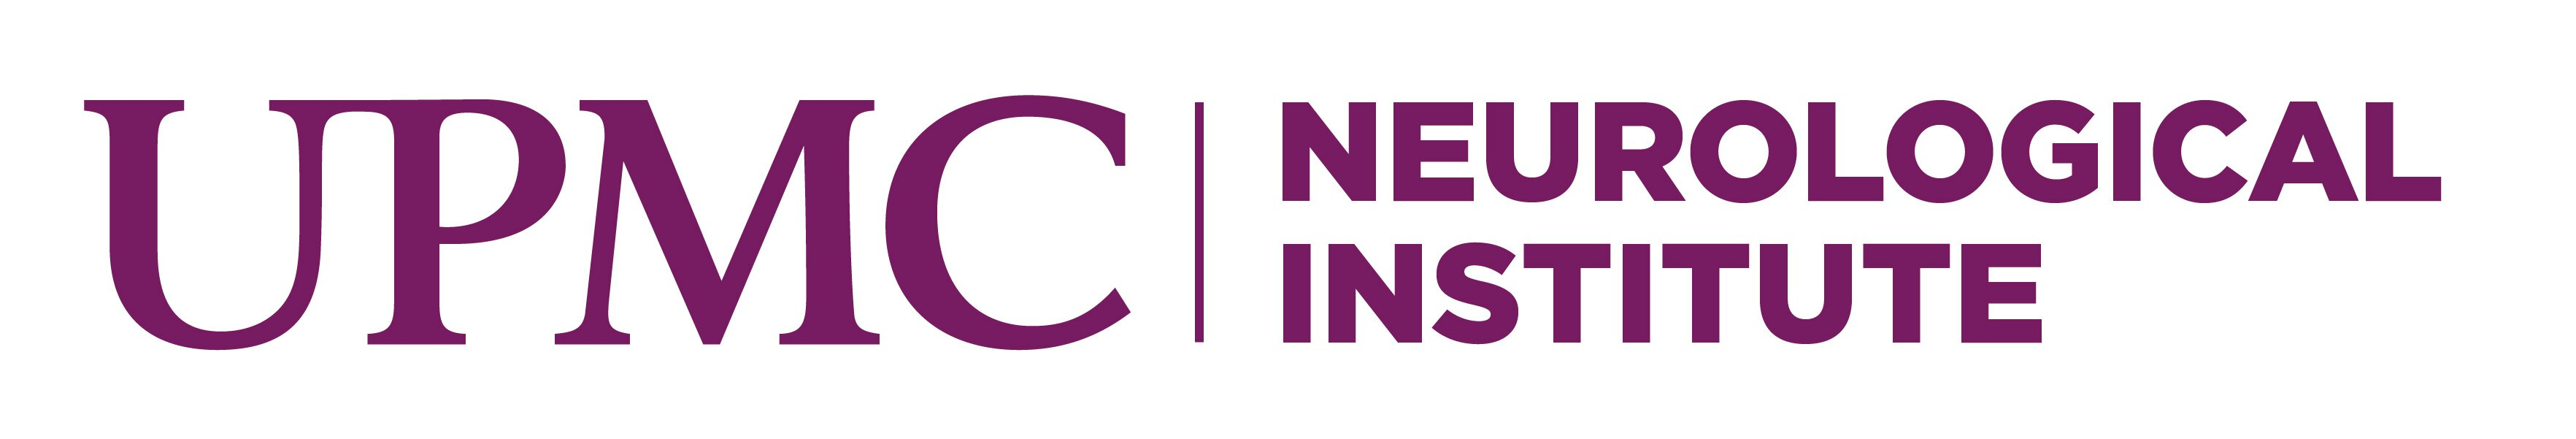 UPMC Neuro